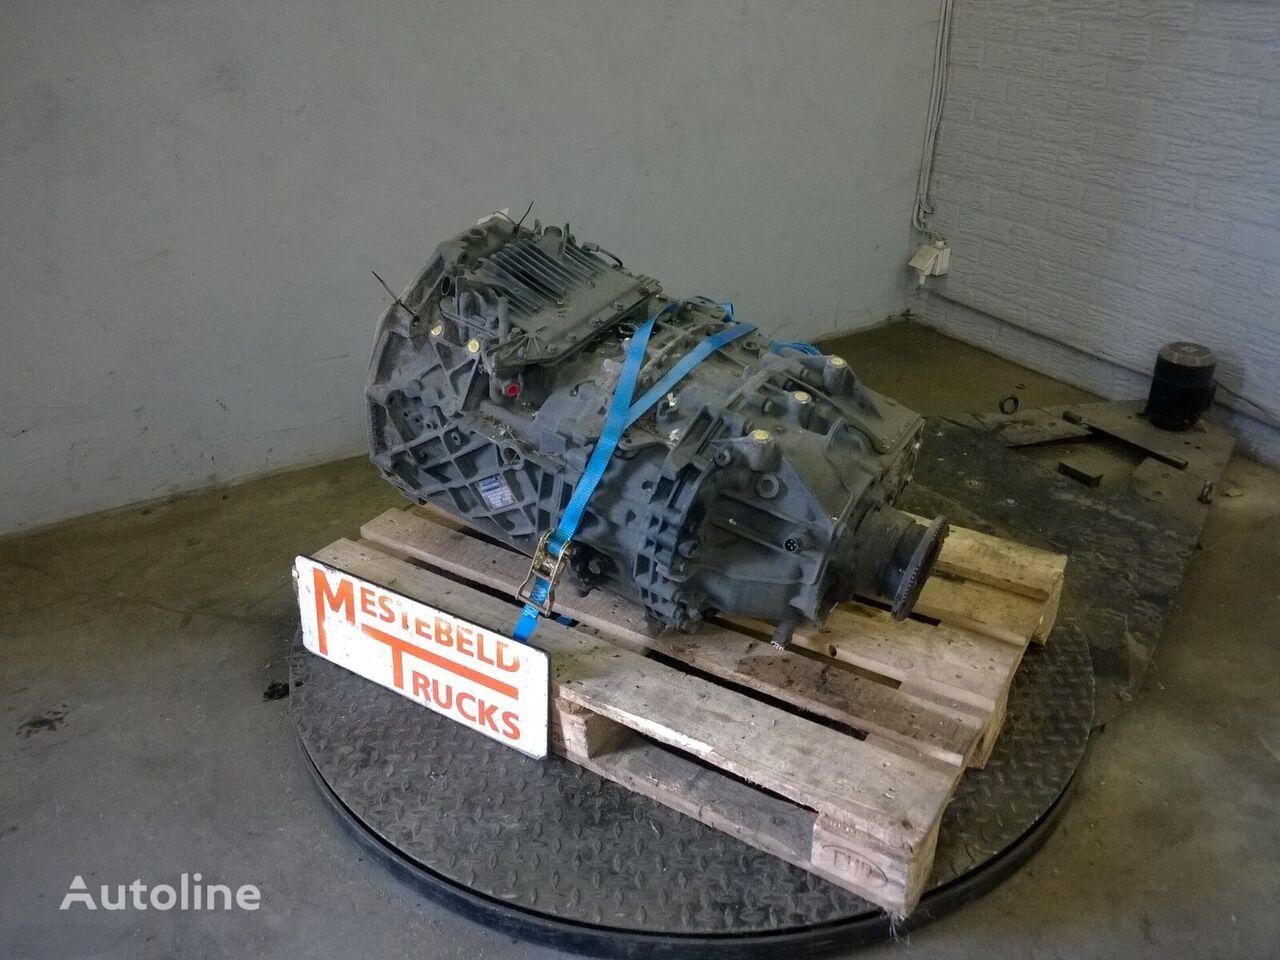 КПП  12AS 2130 TD для грузовика MAN Versnellingbak 12AS 2130 TD